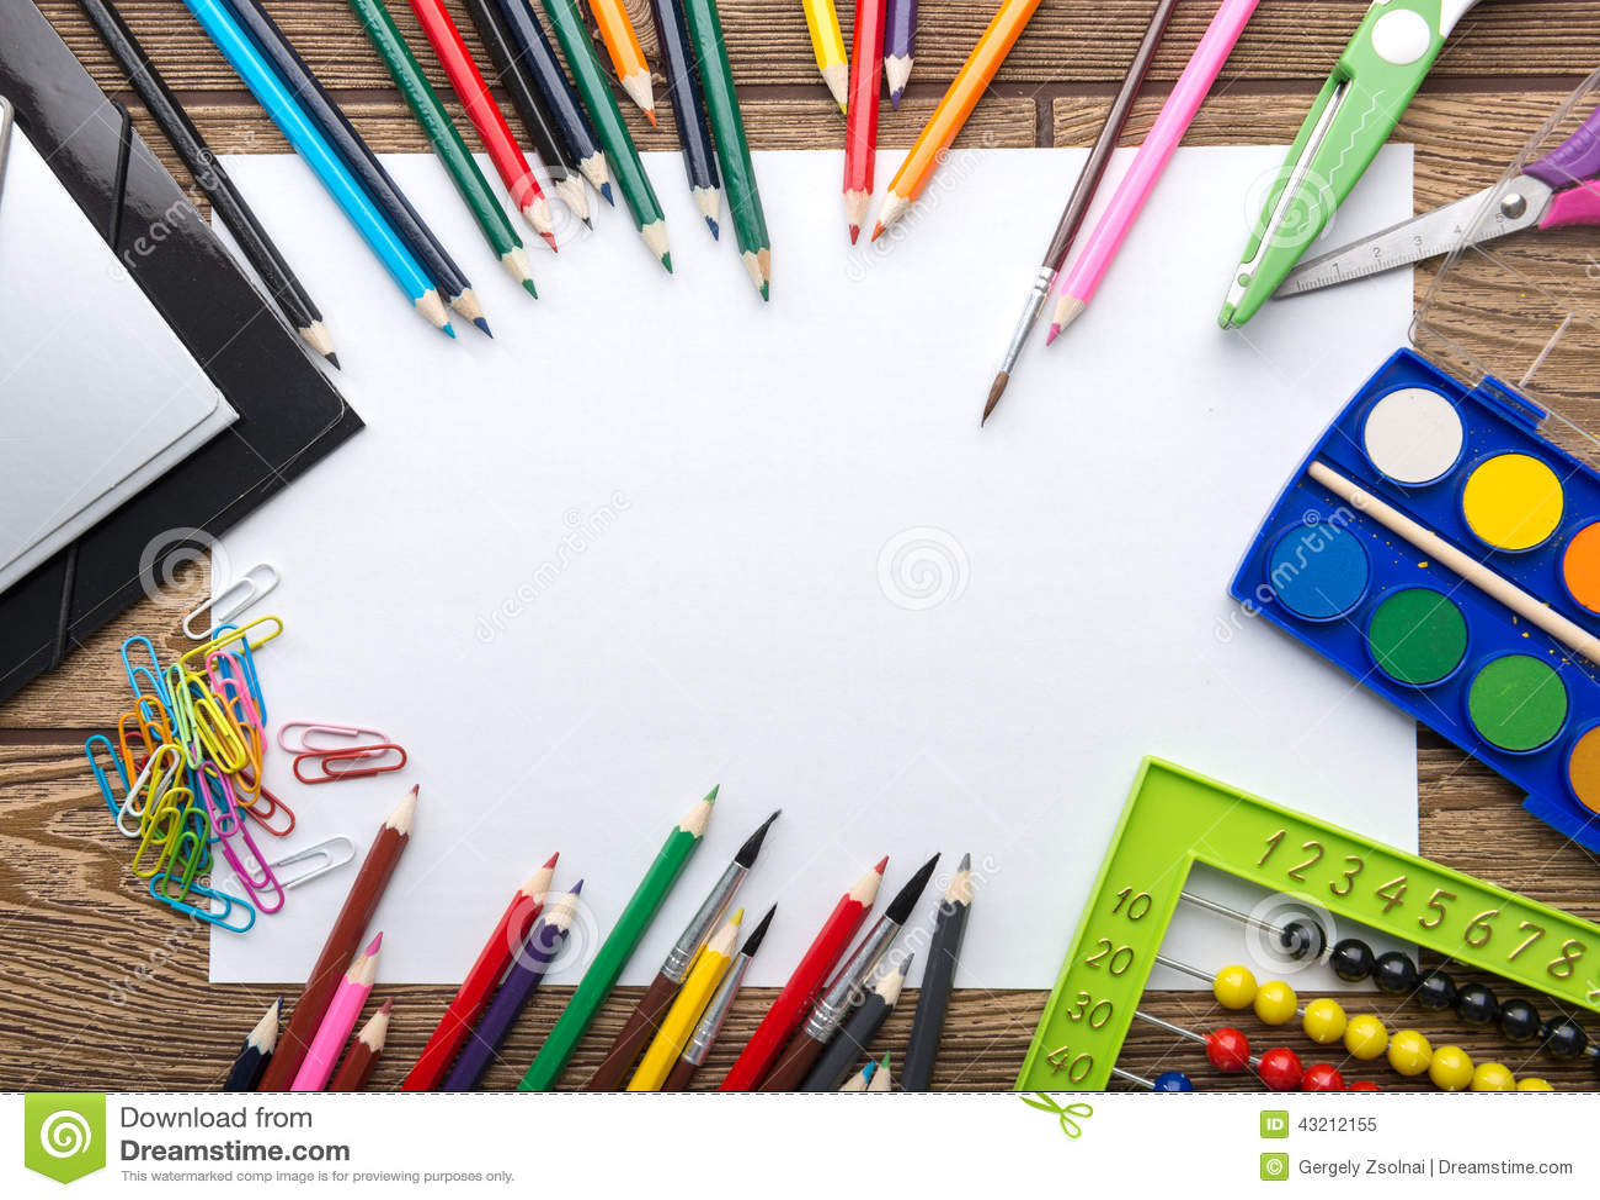 Szkolna materiały rama na drewnianym tle: papier, ołówek, muśnięcie, nożyce, falcówki, abakus,